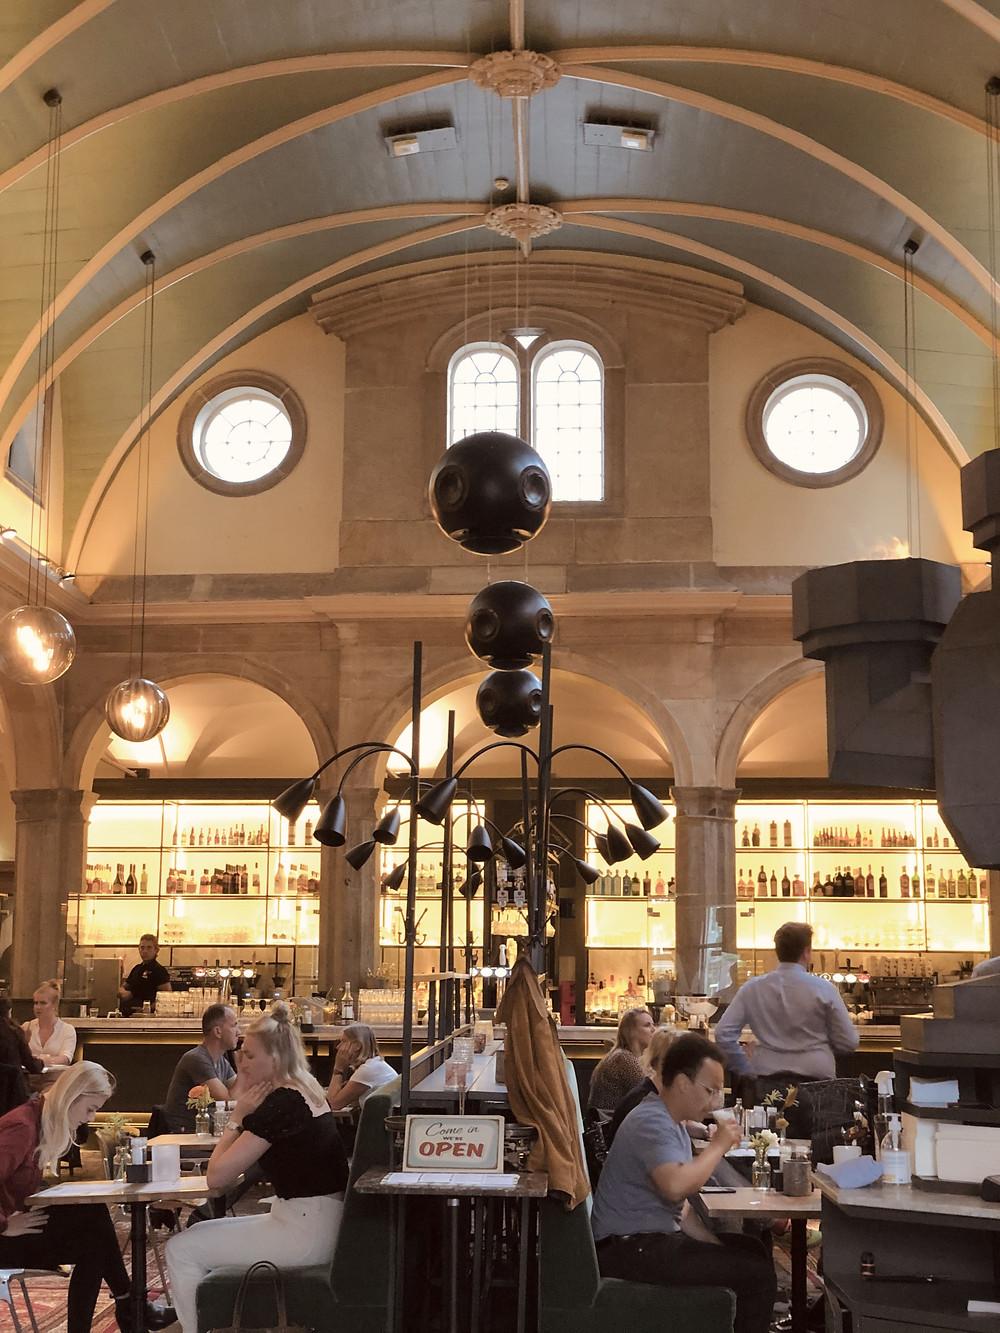 Restaurant Waag interior Leiden Netherlands citytrip